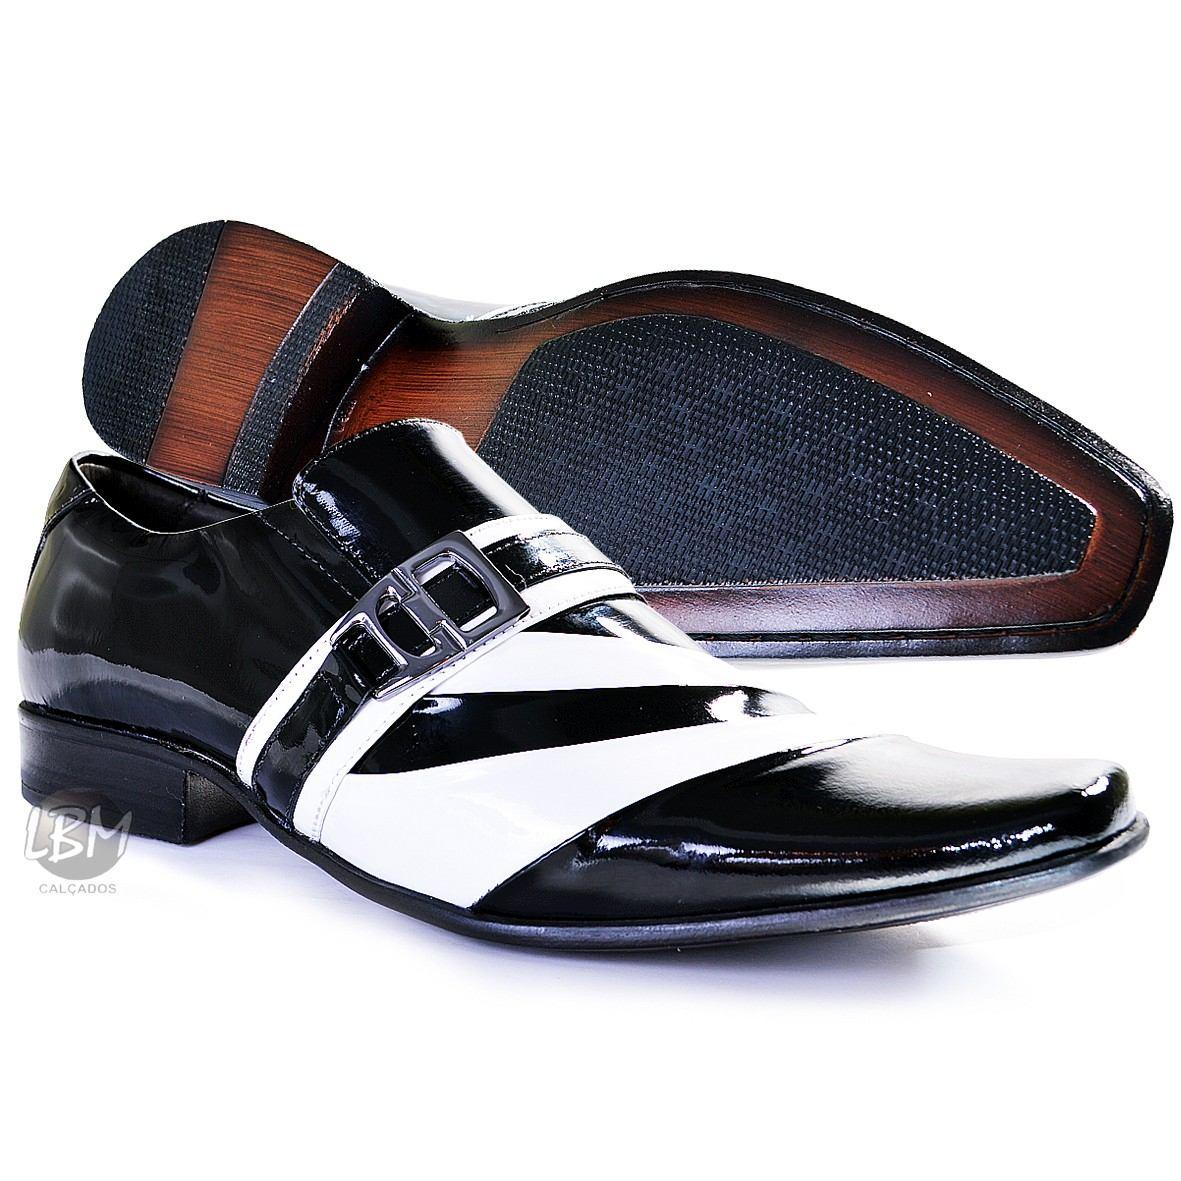 6c301cb85 Sapato Social Masculino No Atacado 2 Pares - R$ 289,79 em Mercado Livre